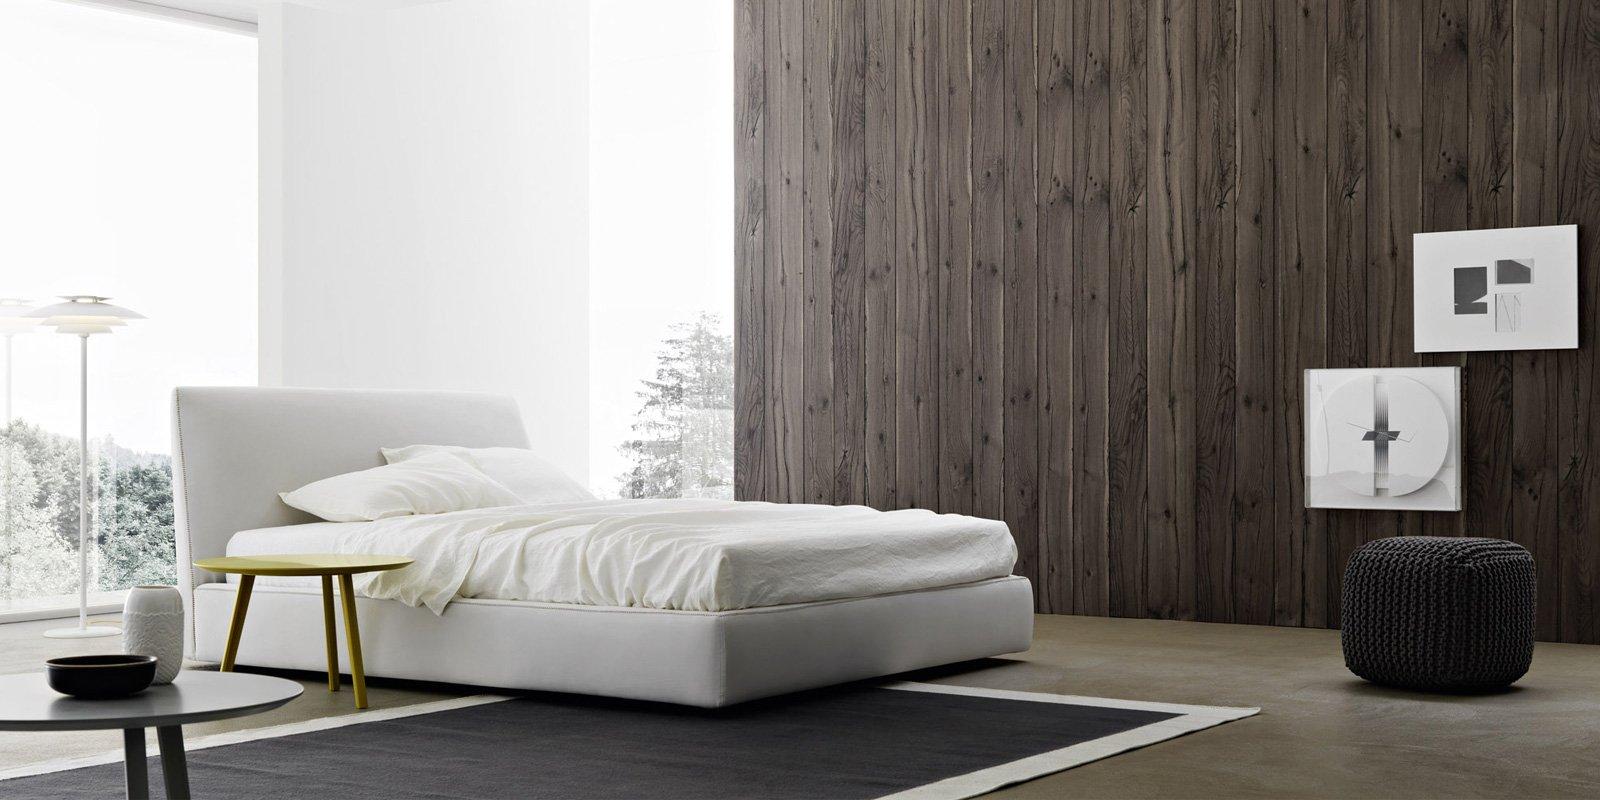 Bedroom furniture san francisco ca berkeley ca kcc modern living for Bedroom furniture berkeley ca